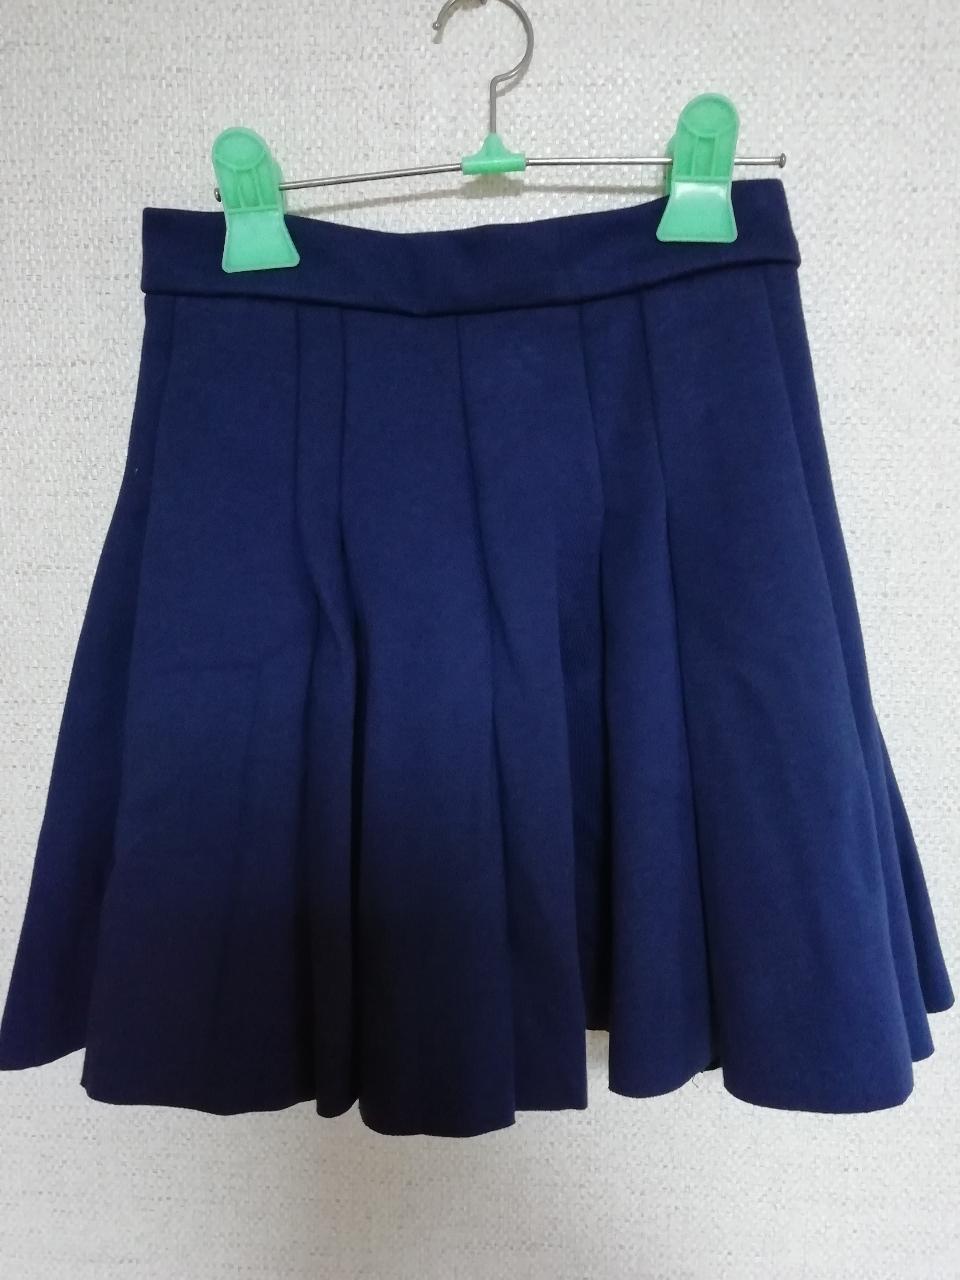 ★새옷★ 테니스 치마 판매합니다